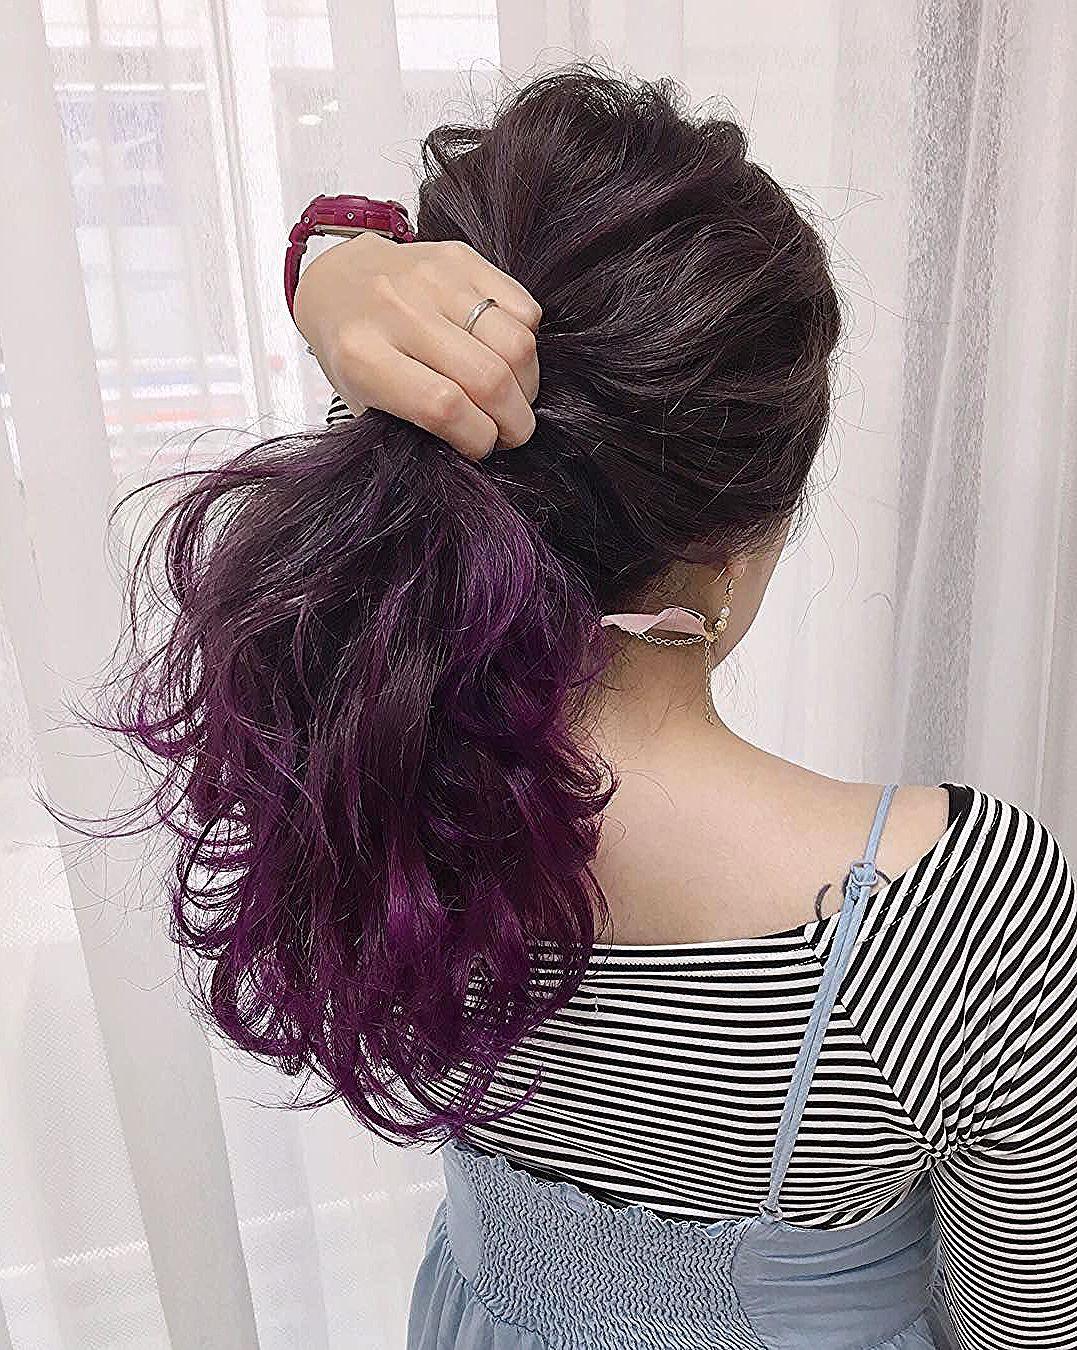 バイオレット系ヘアカラー 髪色16選 紫アッシュ ブラウン ピンク